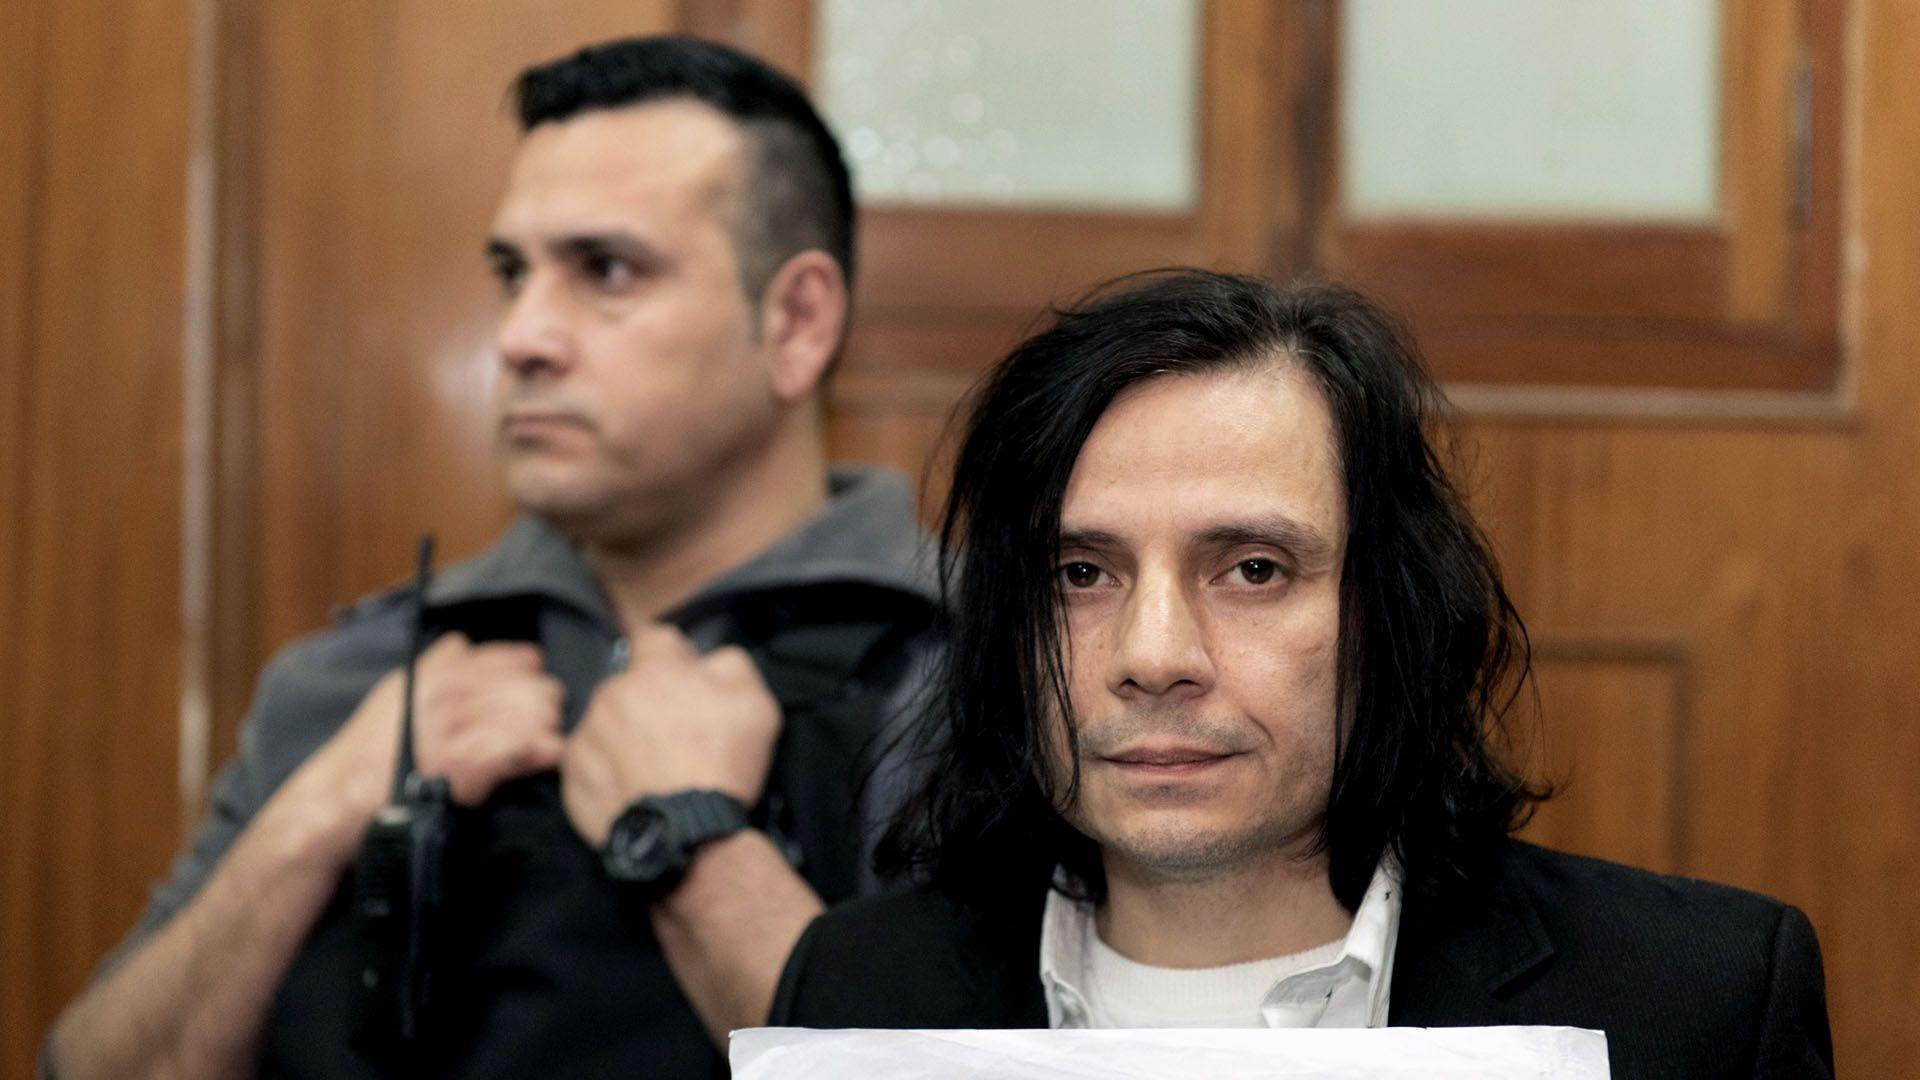 El cantante está acusado de abusar de al menos 7 menores (Adrián Escandar)